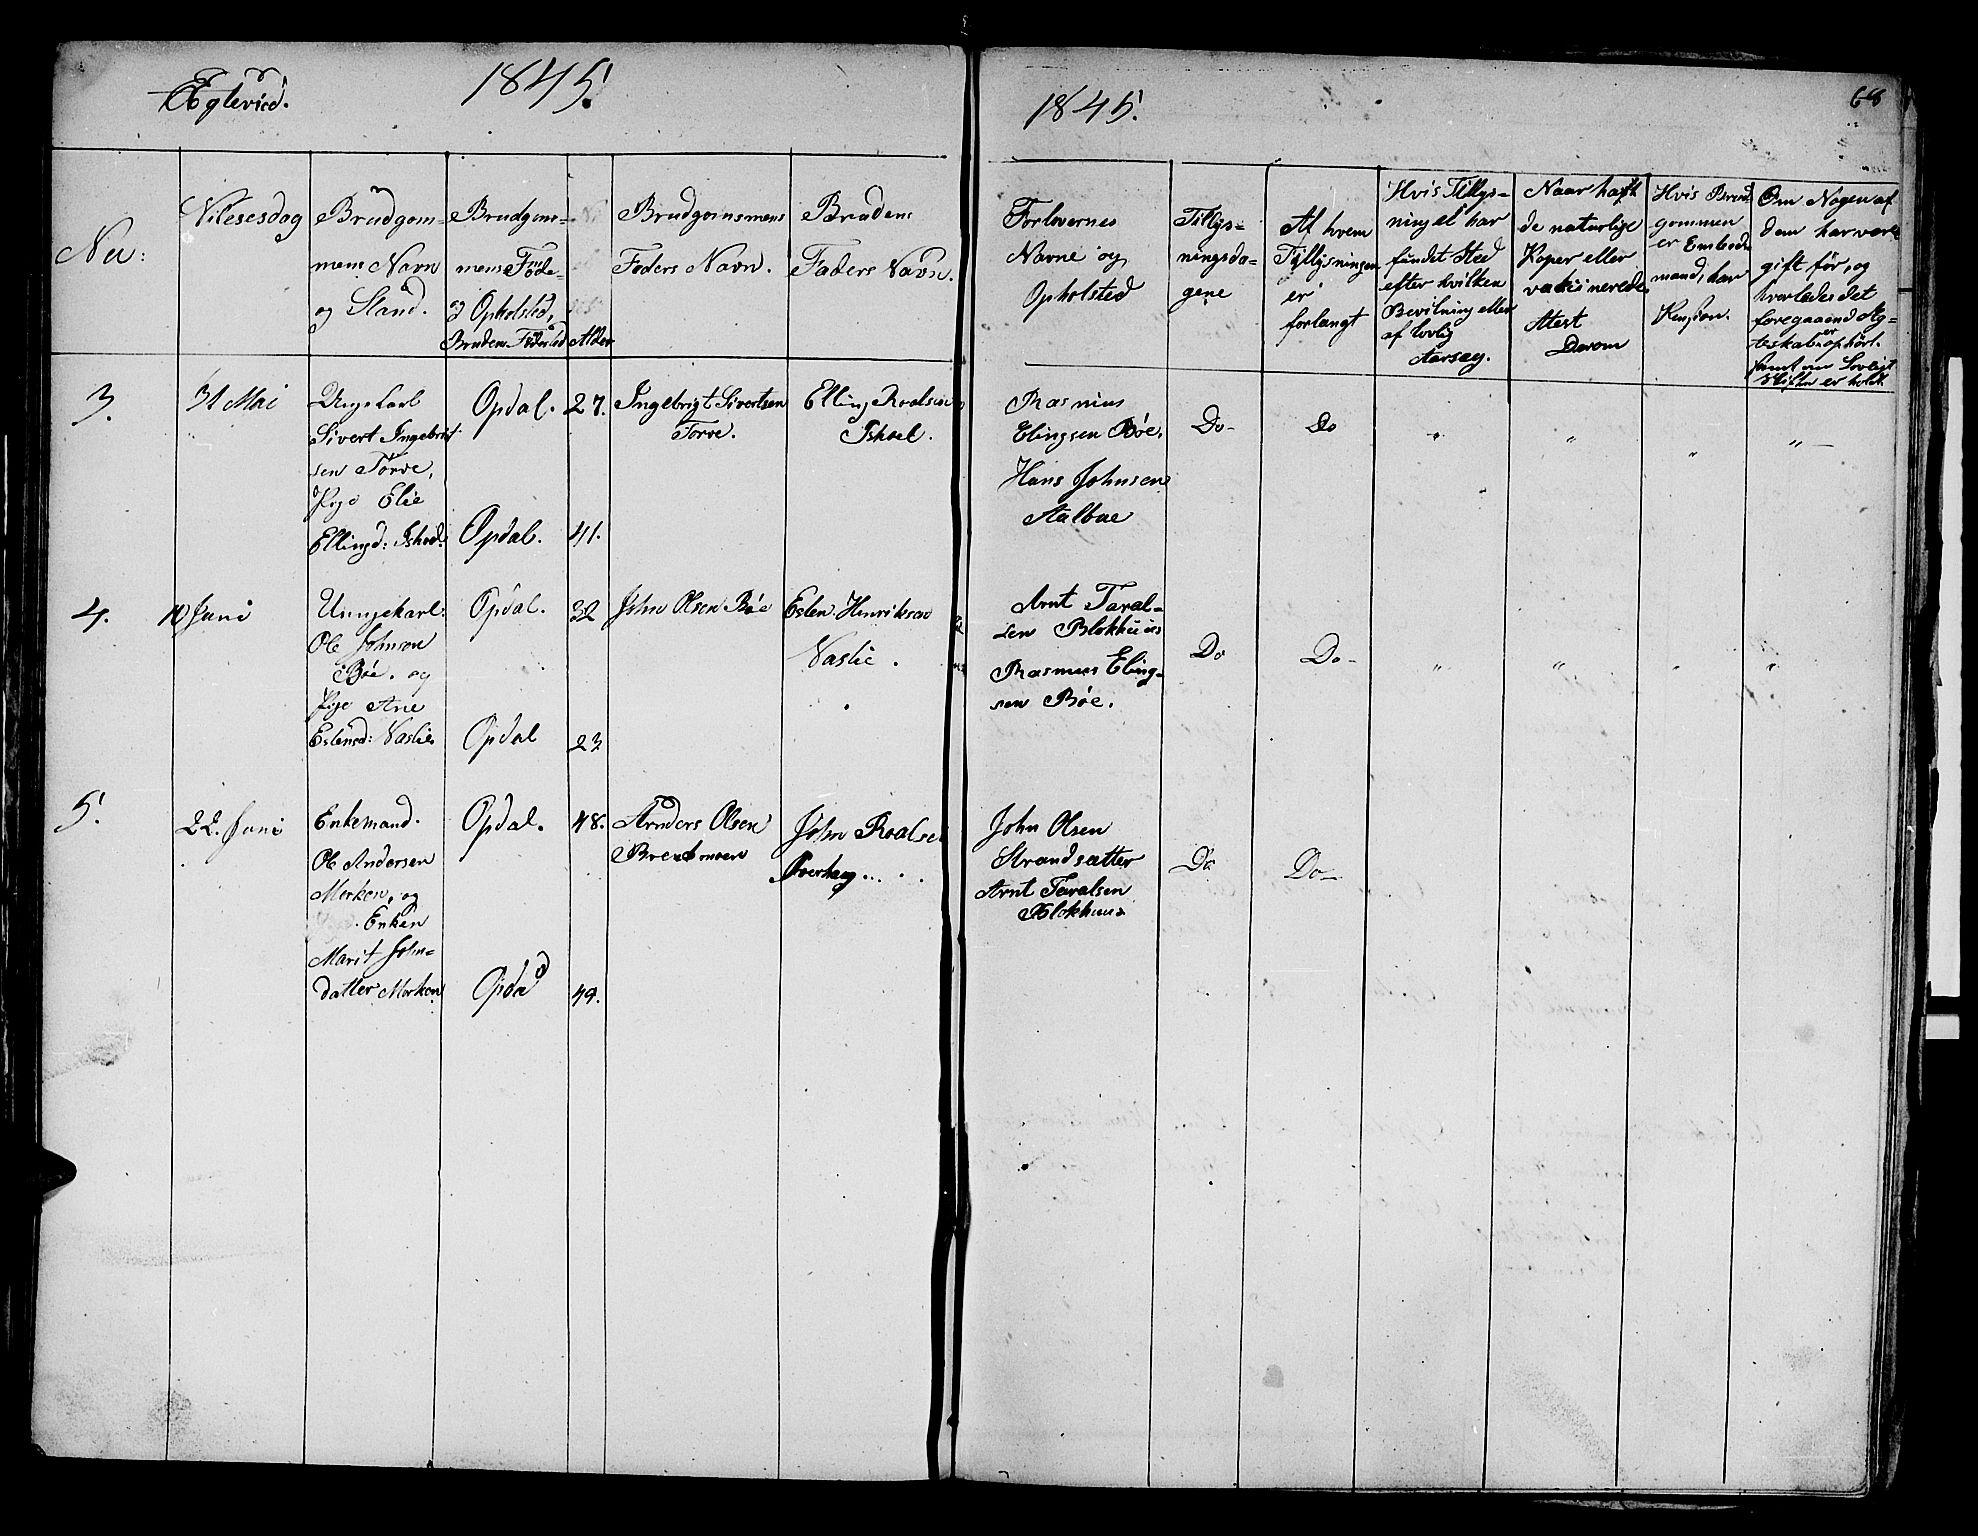 SAT, Ministerialprotokoller, klokkerbøker og fødselsregistre - Sør-Trøndelag, 679/L0922: Klokkerbok nr. 679C02, 1845-1851, s. 68